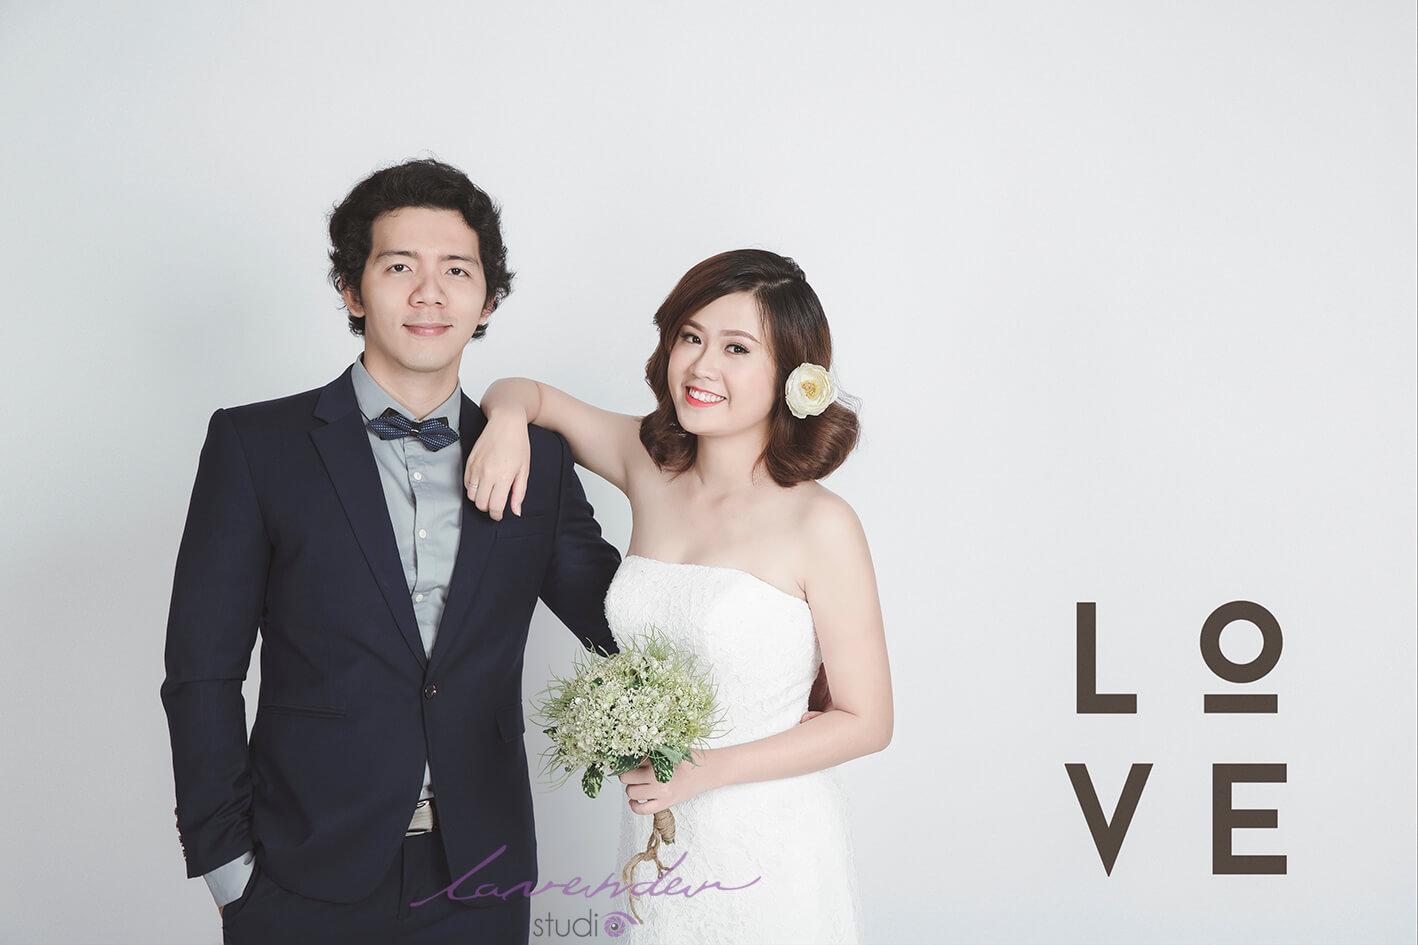 chụp hình cưới Hàn Quốc tại studio